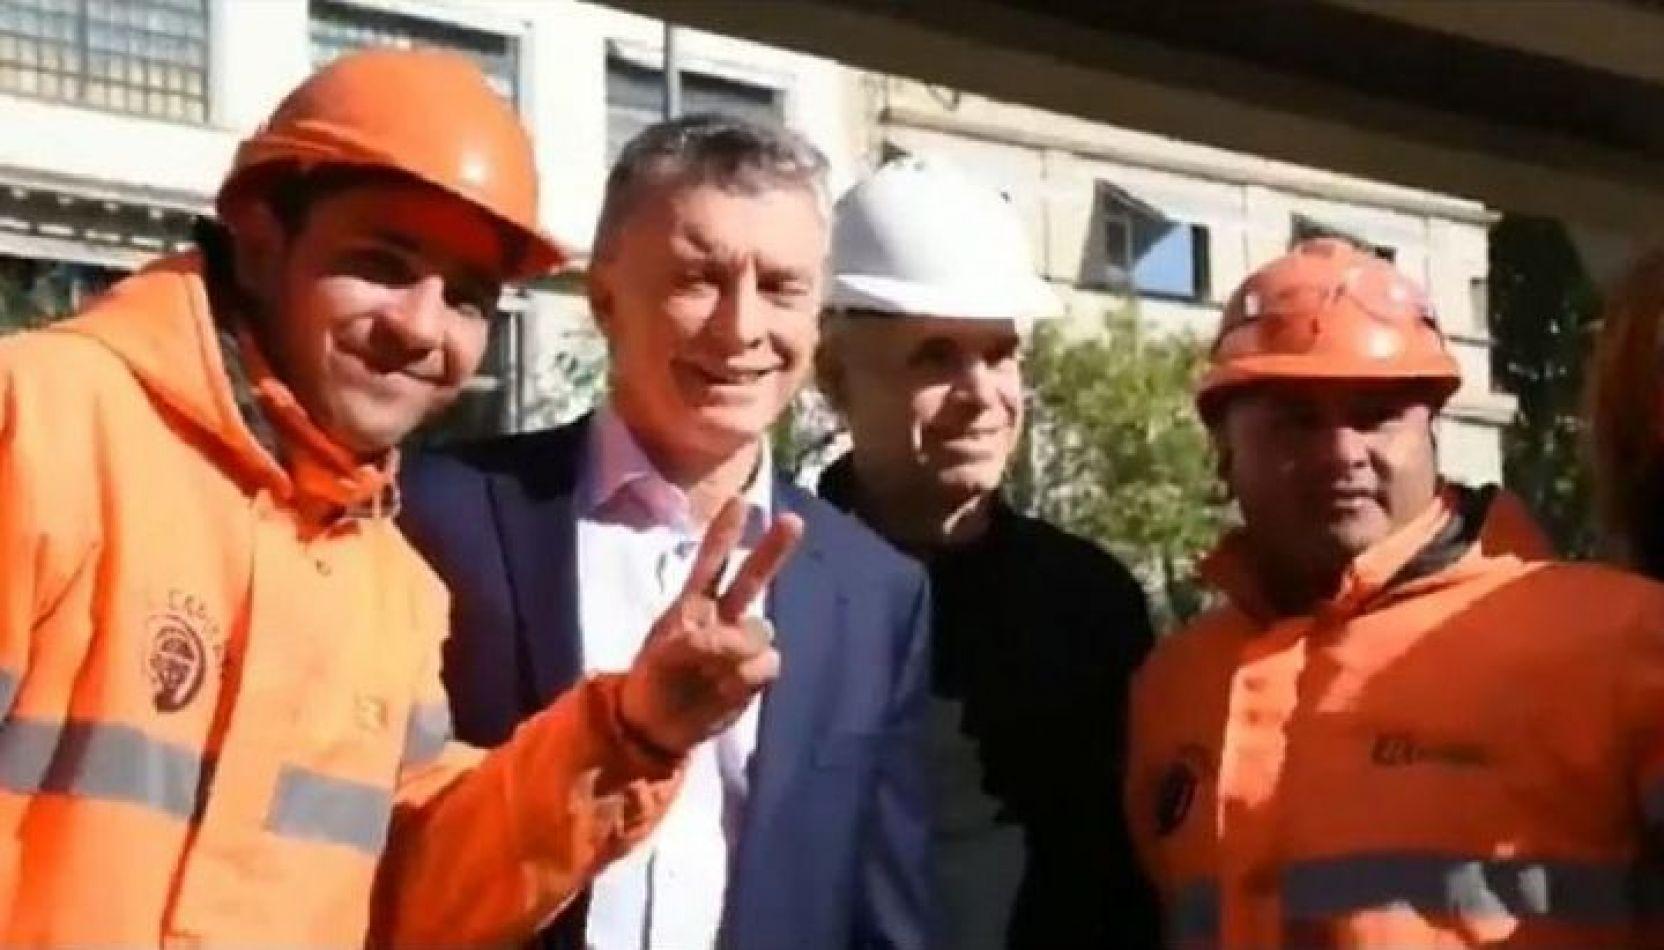 Un obrero puso los dedos en V en una foto con Macri y fue viral